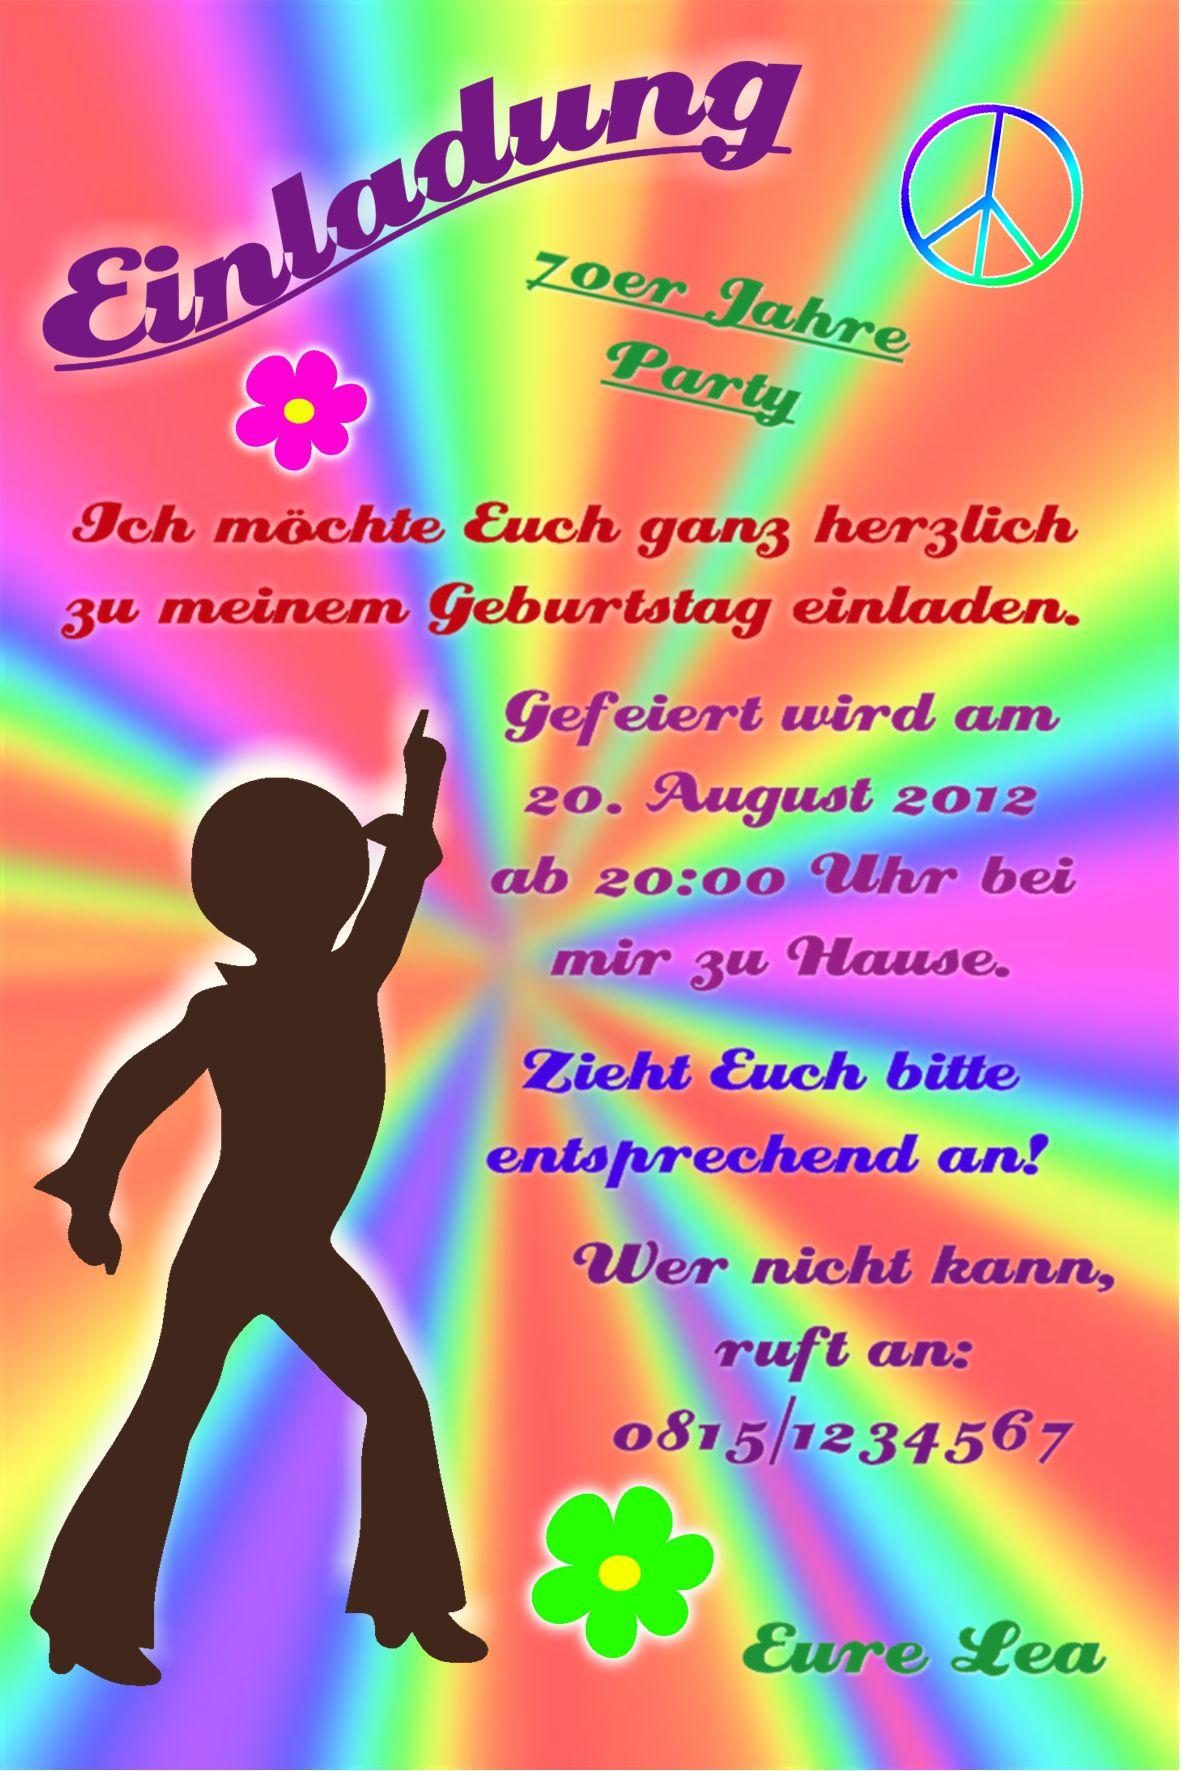 Einladung Zum Geburtstag : Einladung Zum Geburtstag Text - Geburstag Einladungskarten ...